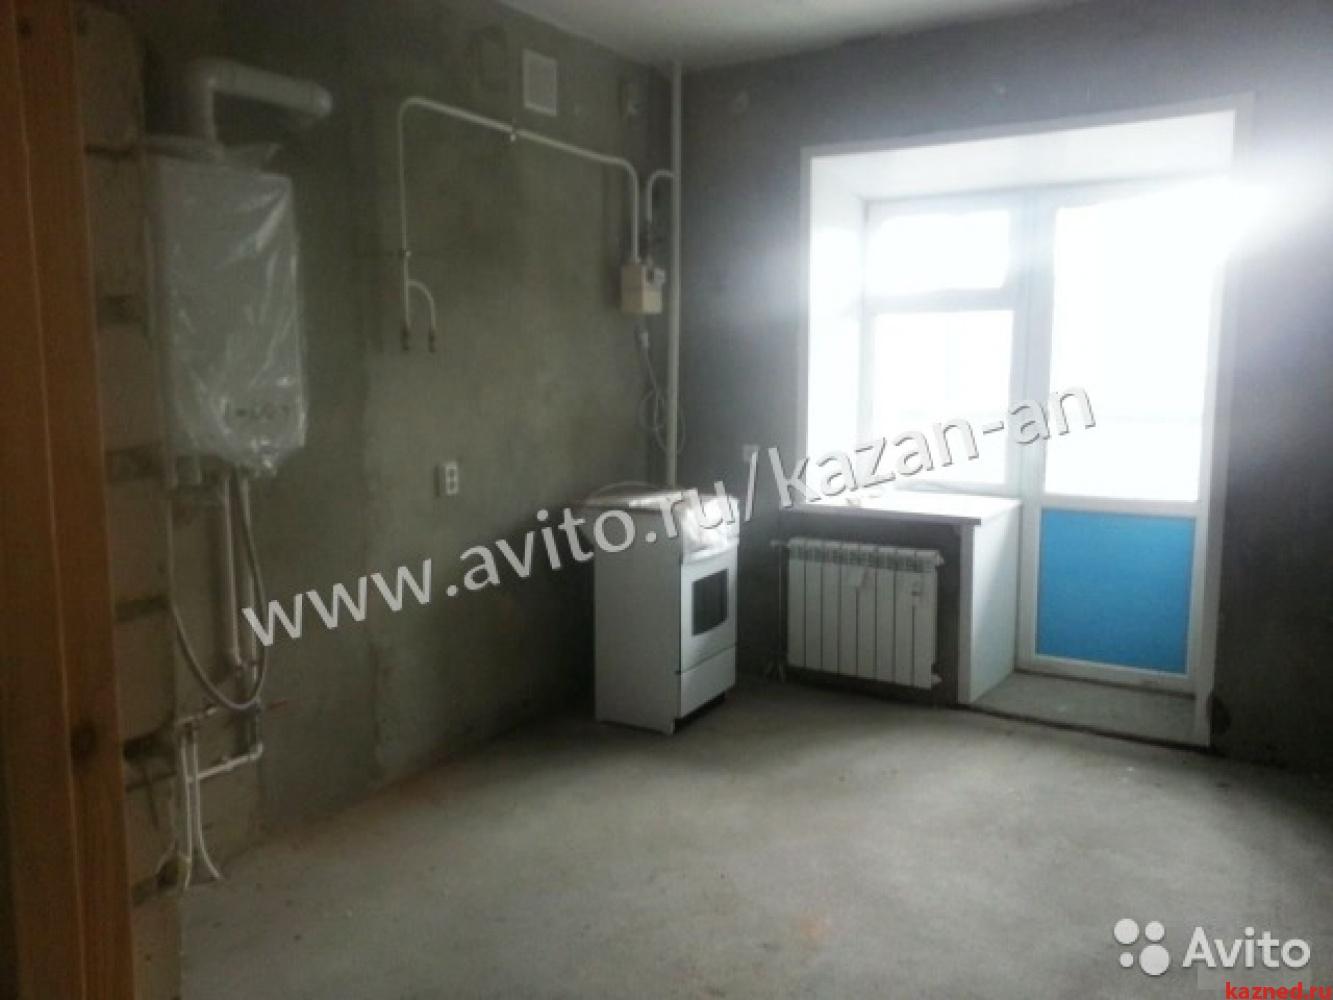 Продажа 2-к квартиры Комсомольская, д. 26, 74 м²  (миниатюра №6)